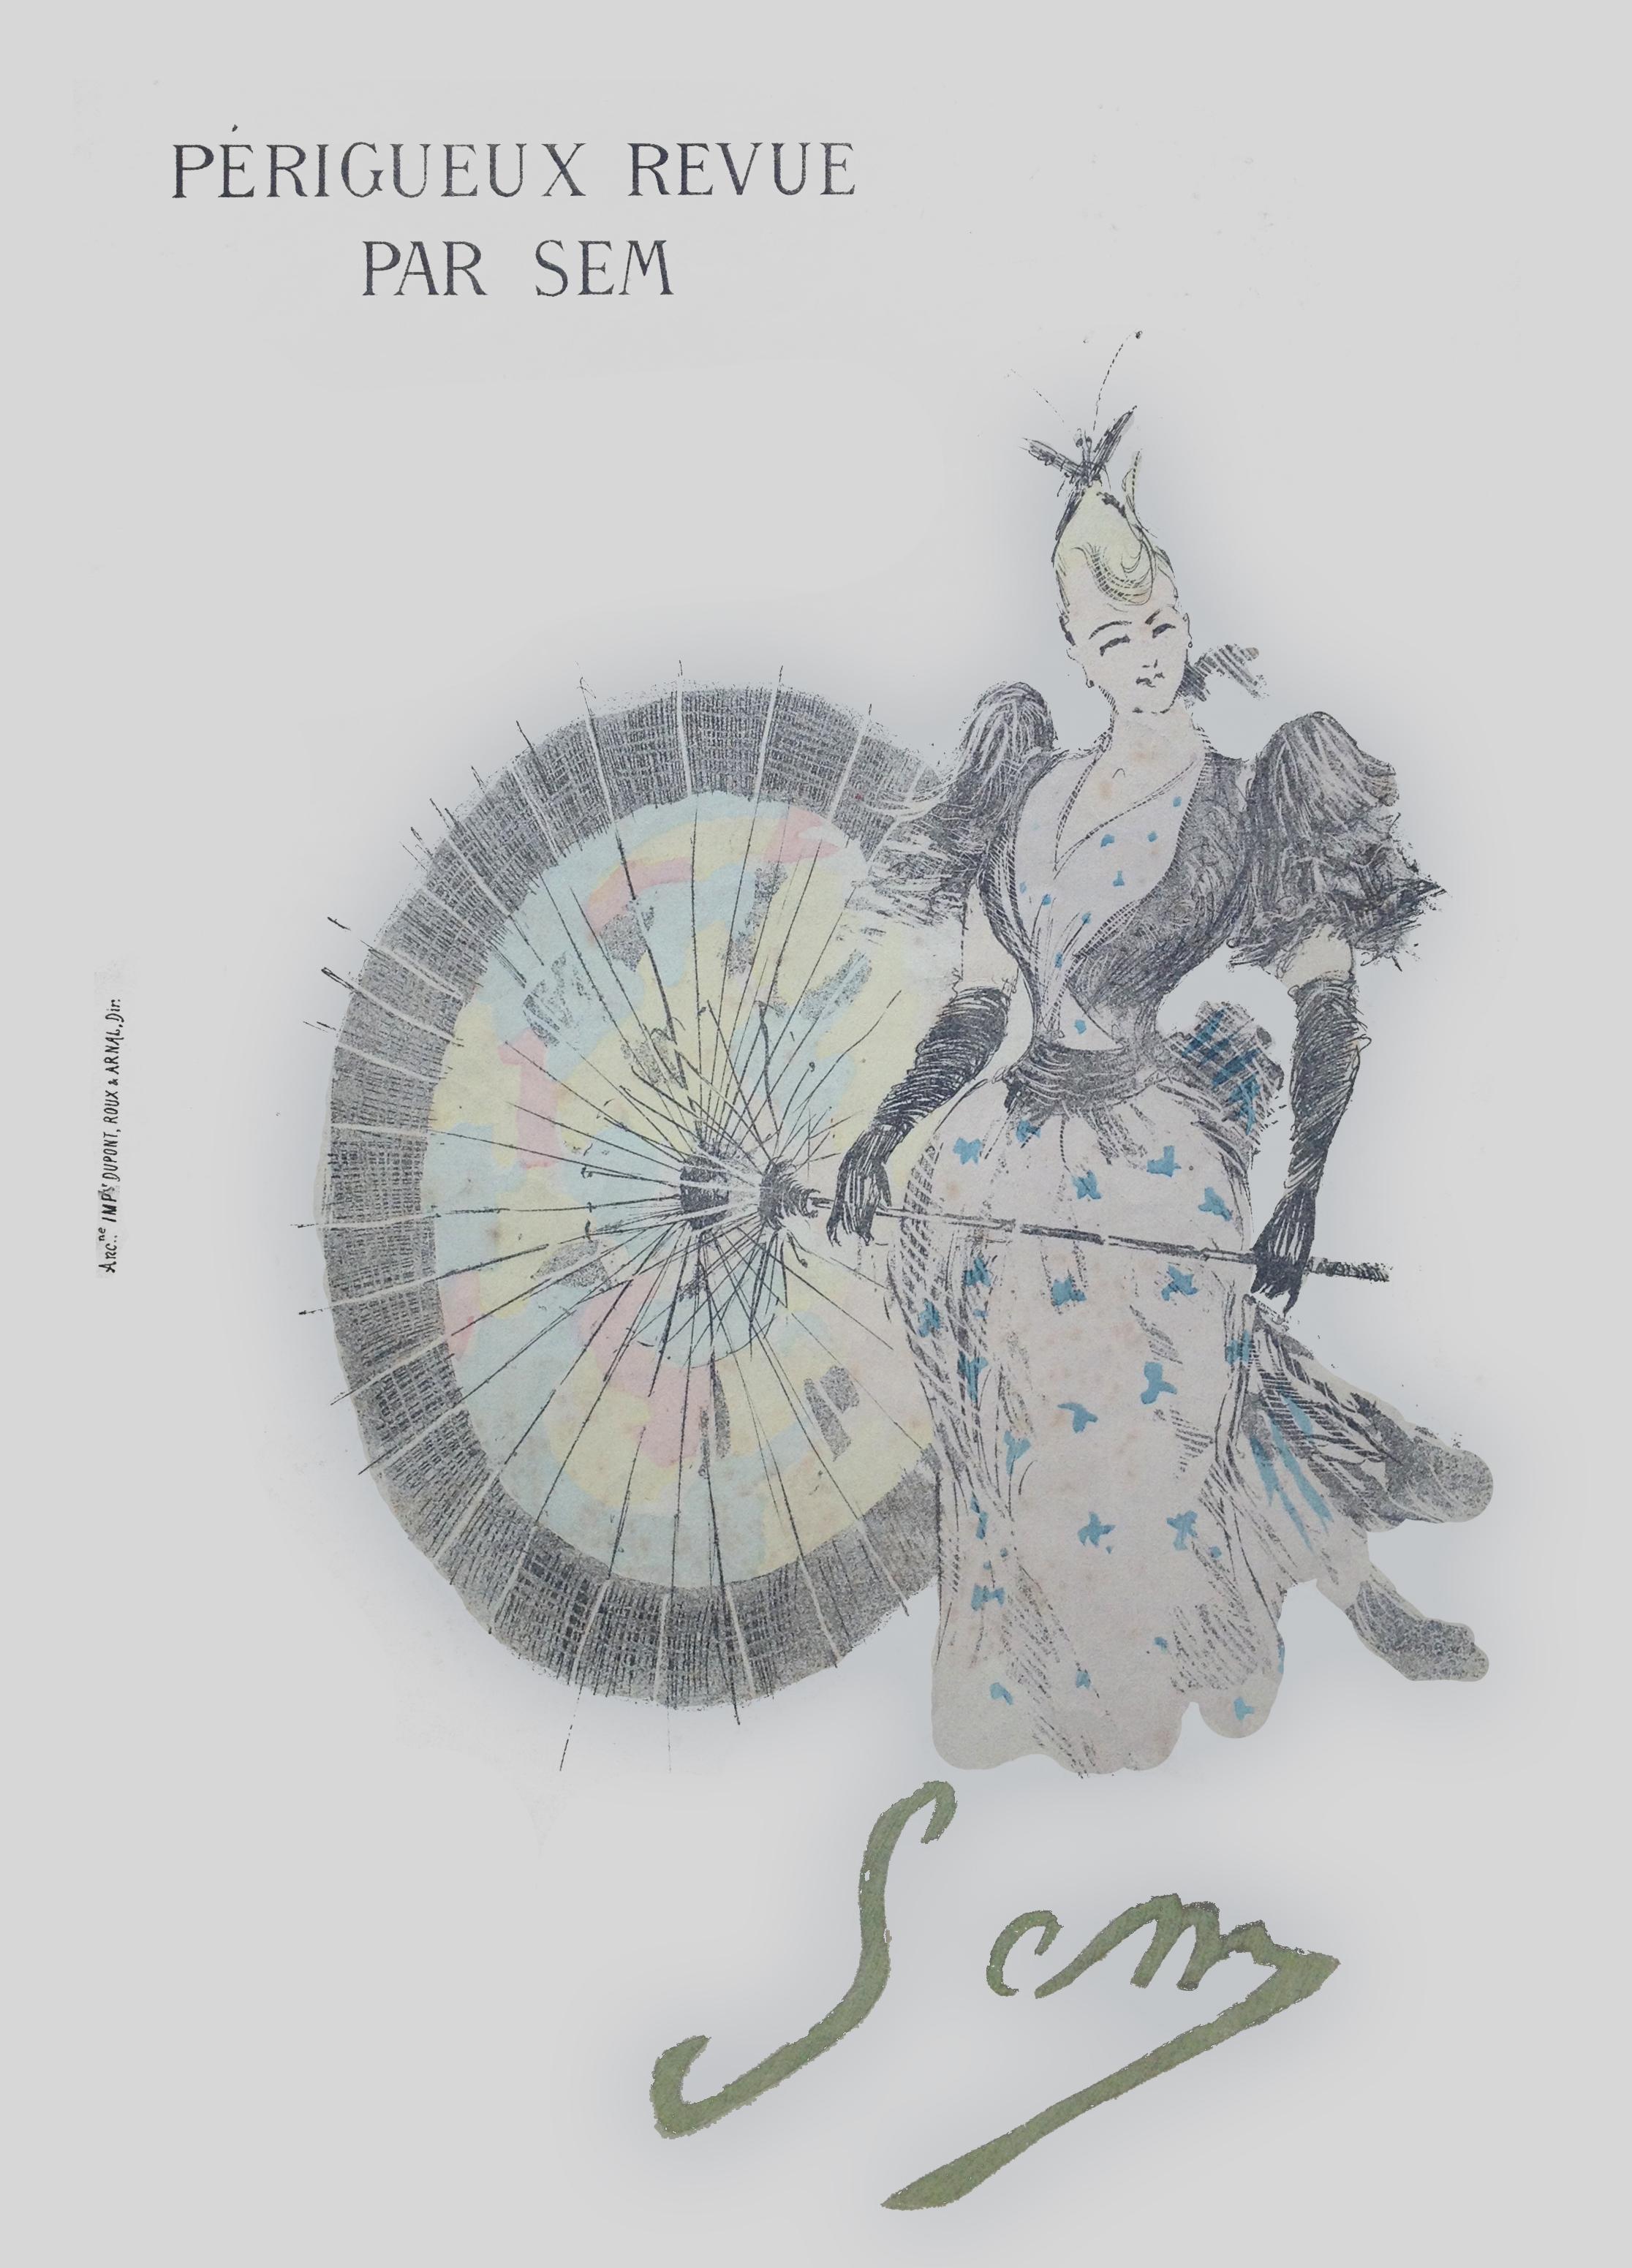 Album n.3 - Sem George Goursat